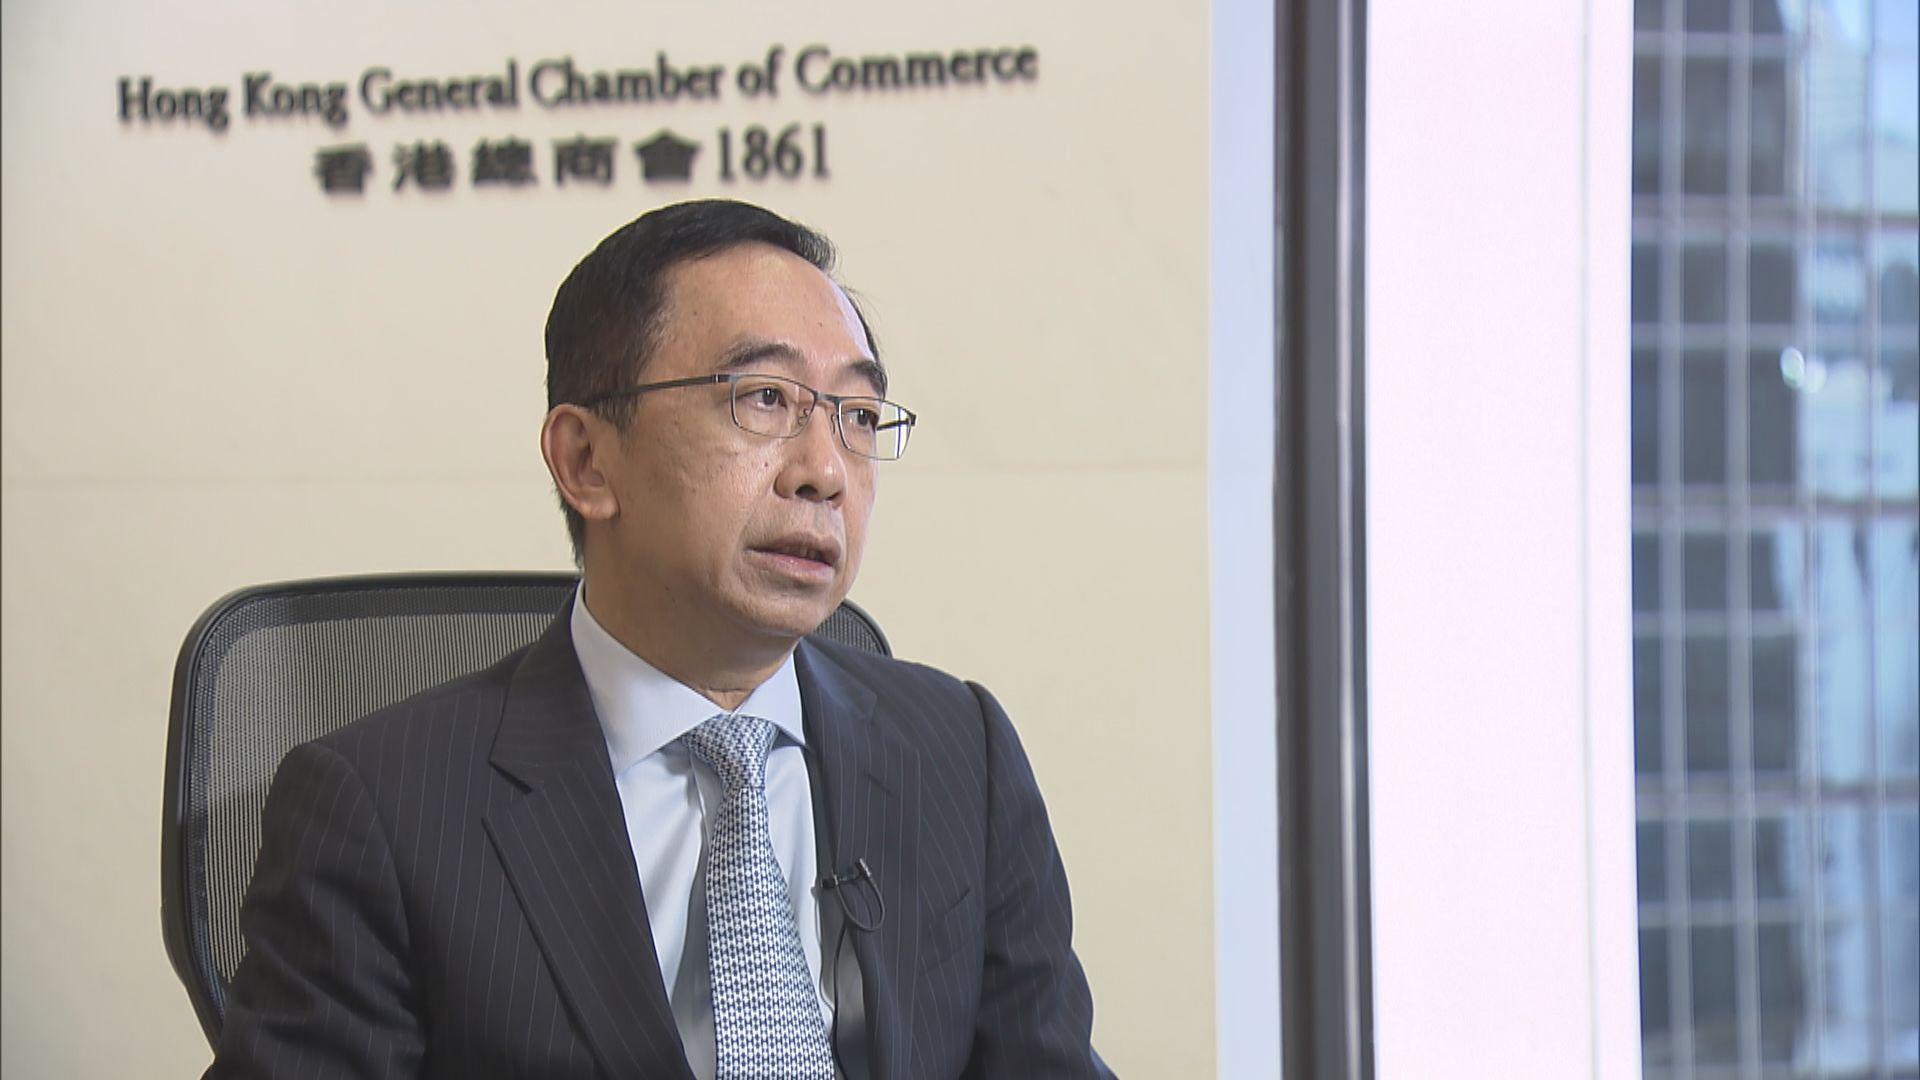 梁兆基:若外國制裁香港 會是國際損失